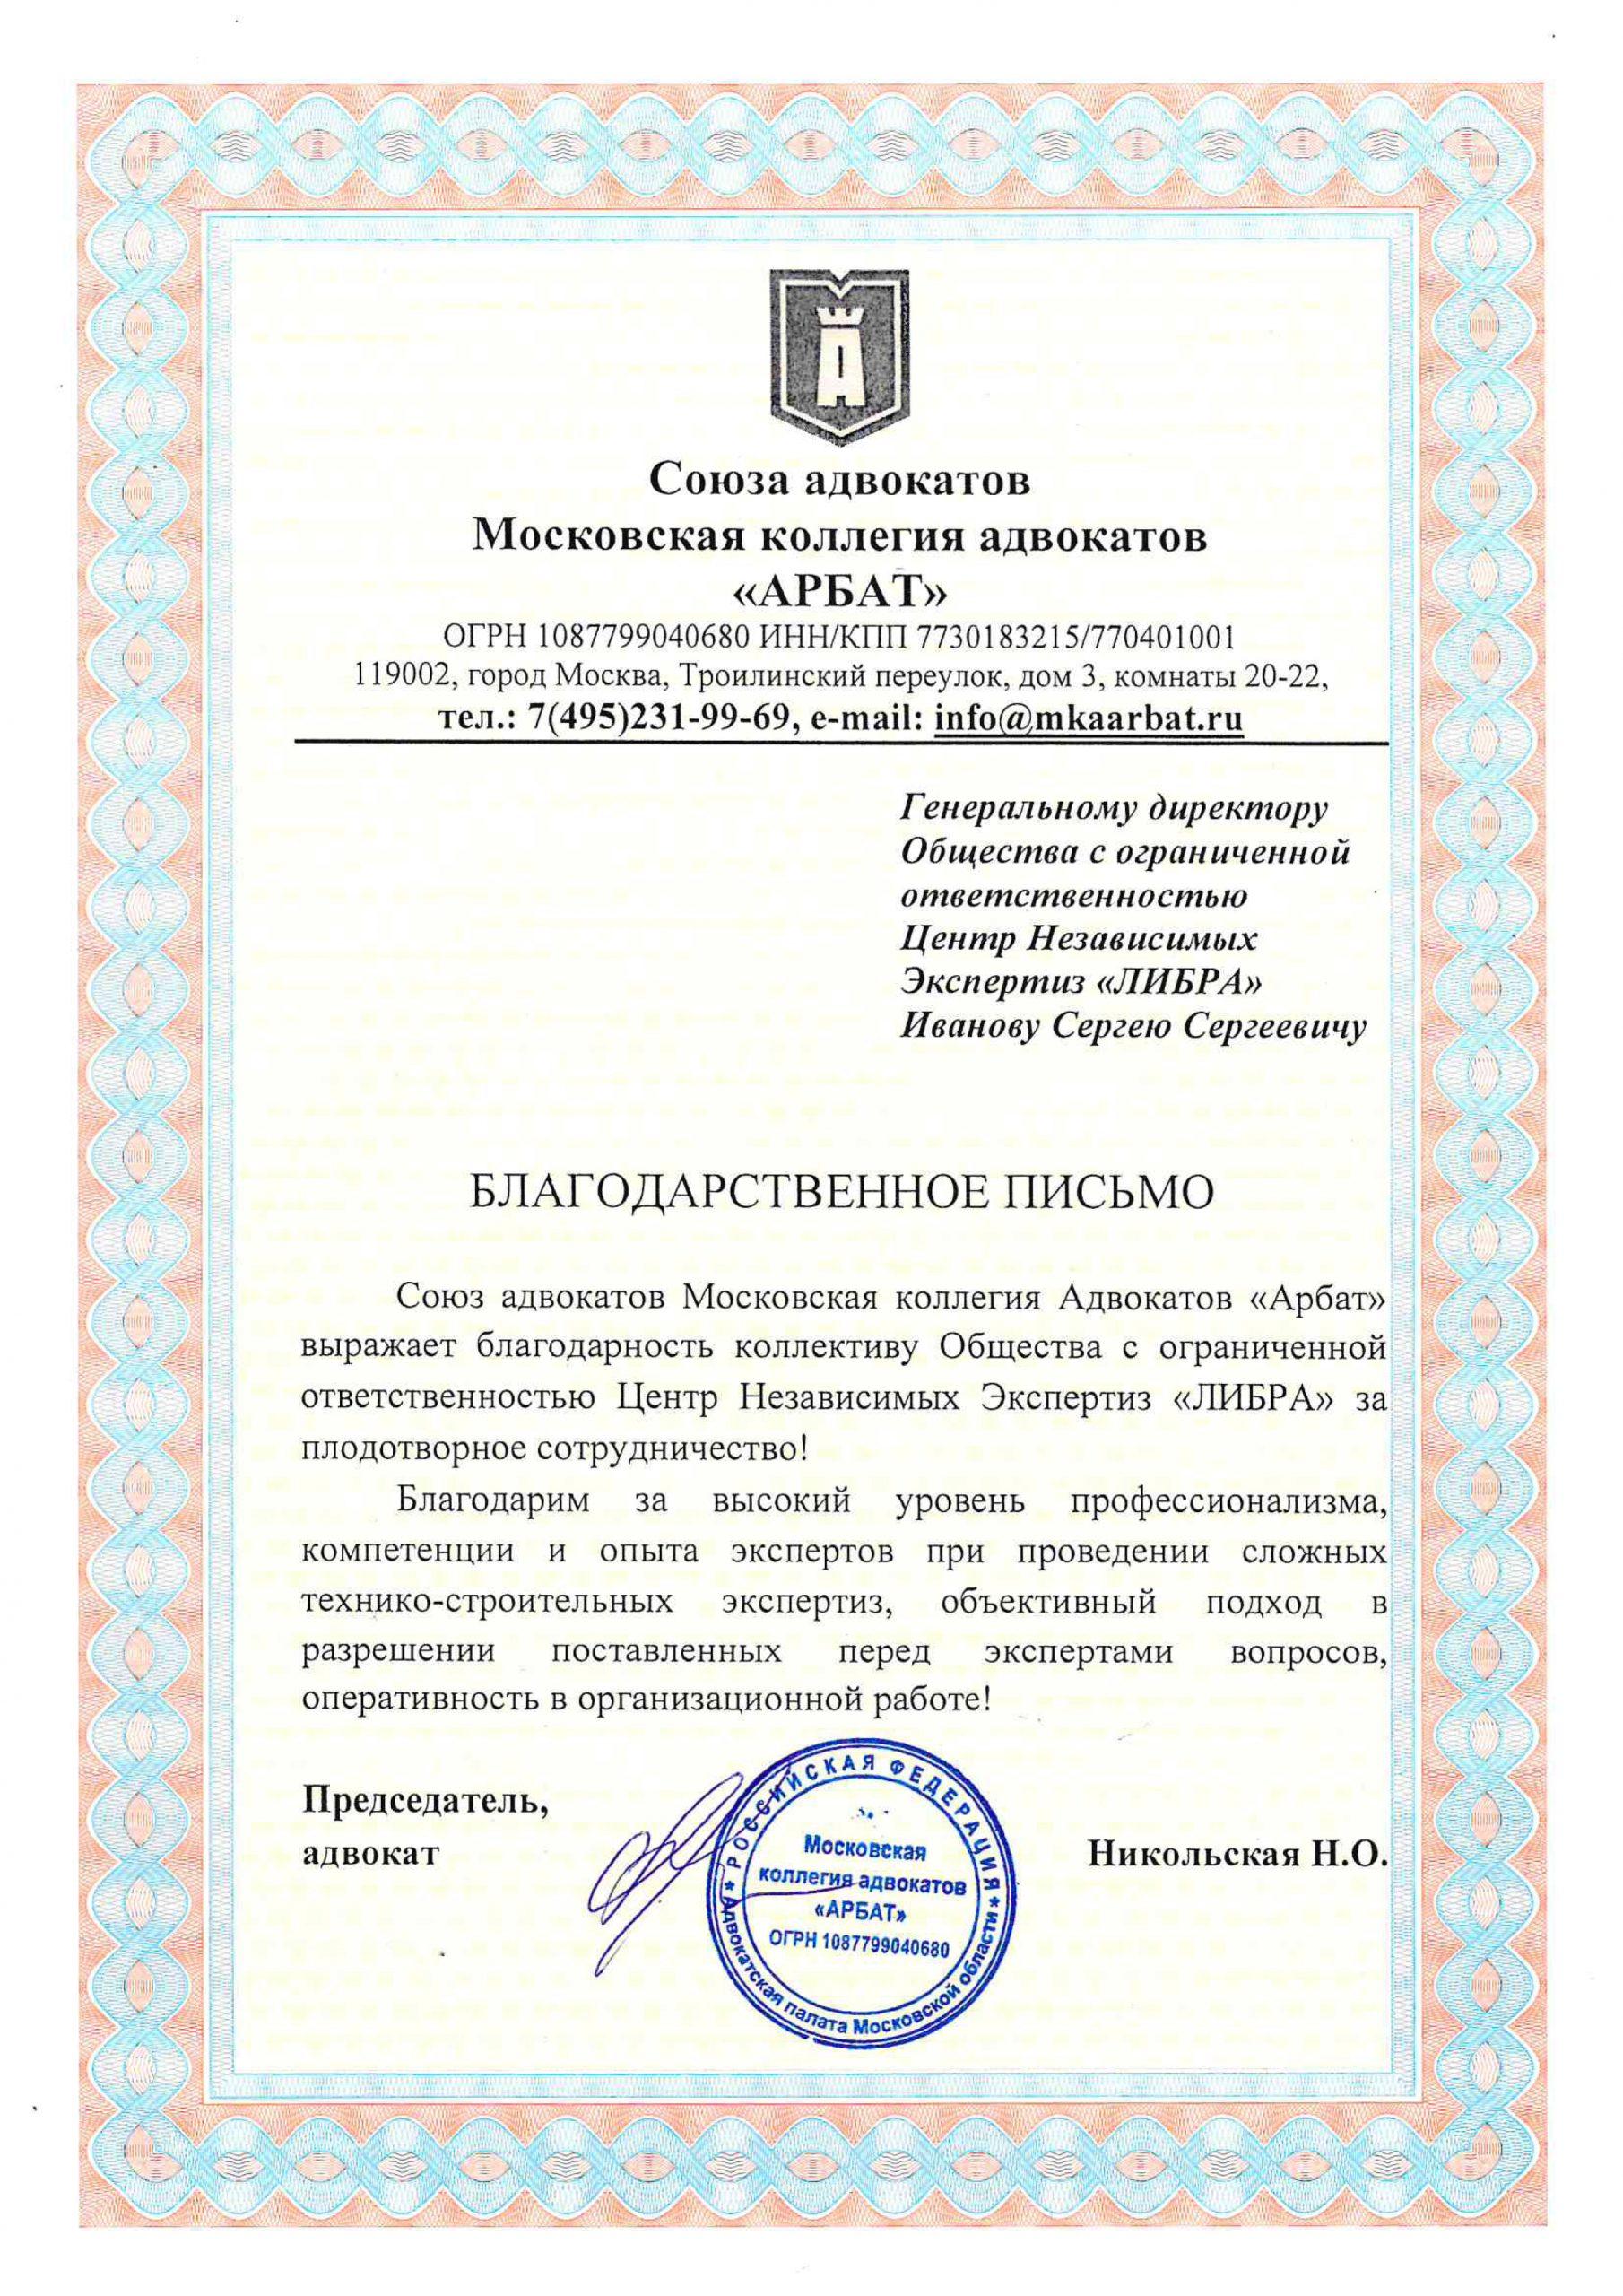 Благодарственное письмо Коллегия адвокатов АРБАТ